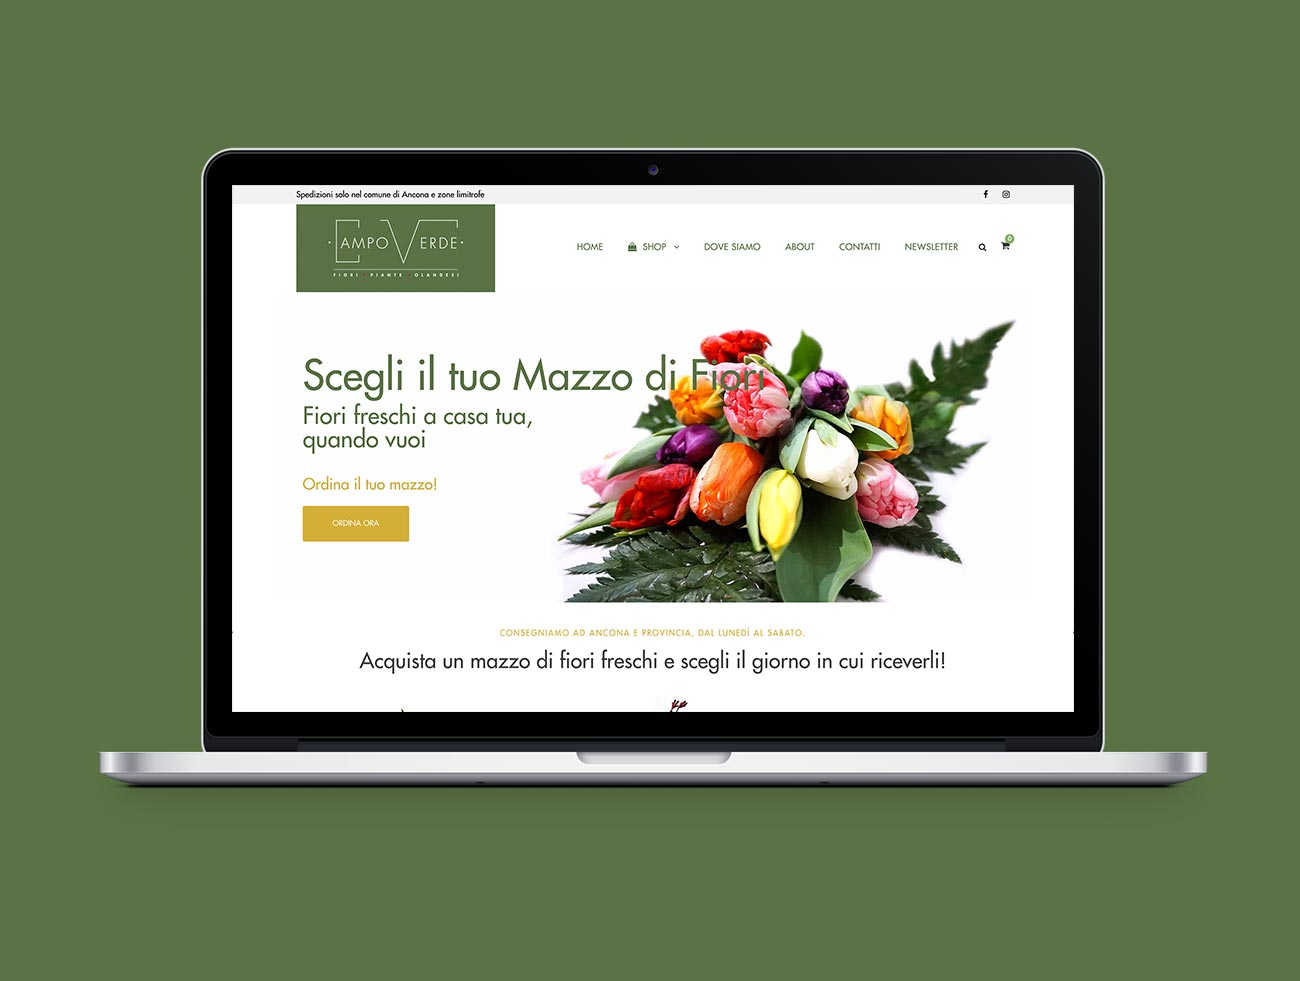 campoverde-fiori-piante-ancona-ecommerce-shop-online_gazpa